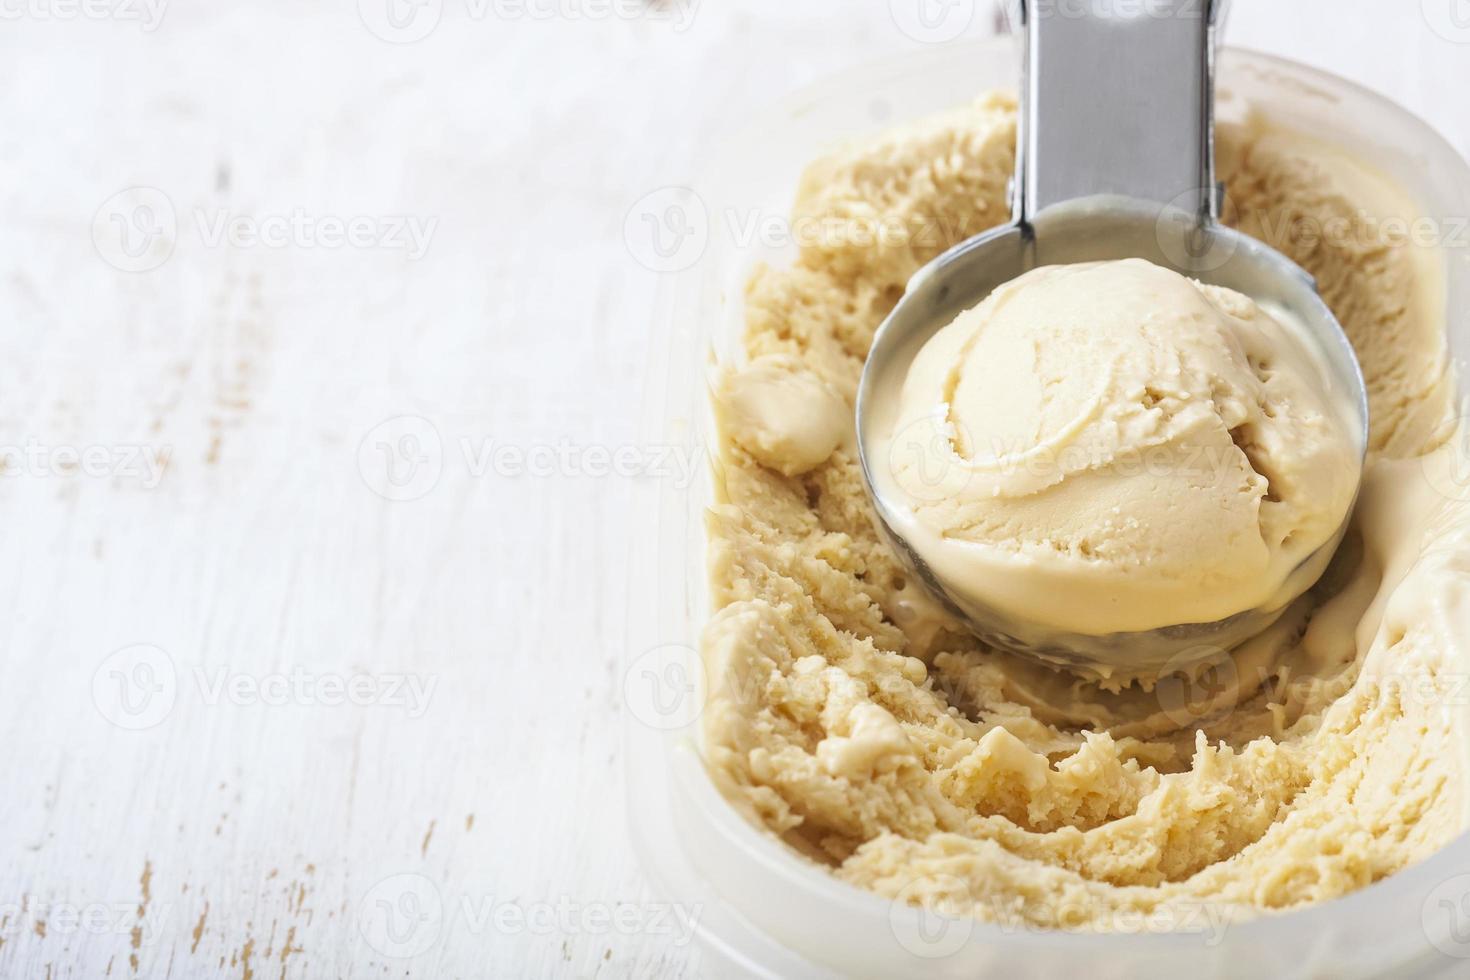 helado cremoso casero en cuchara de metal foto